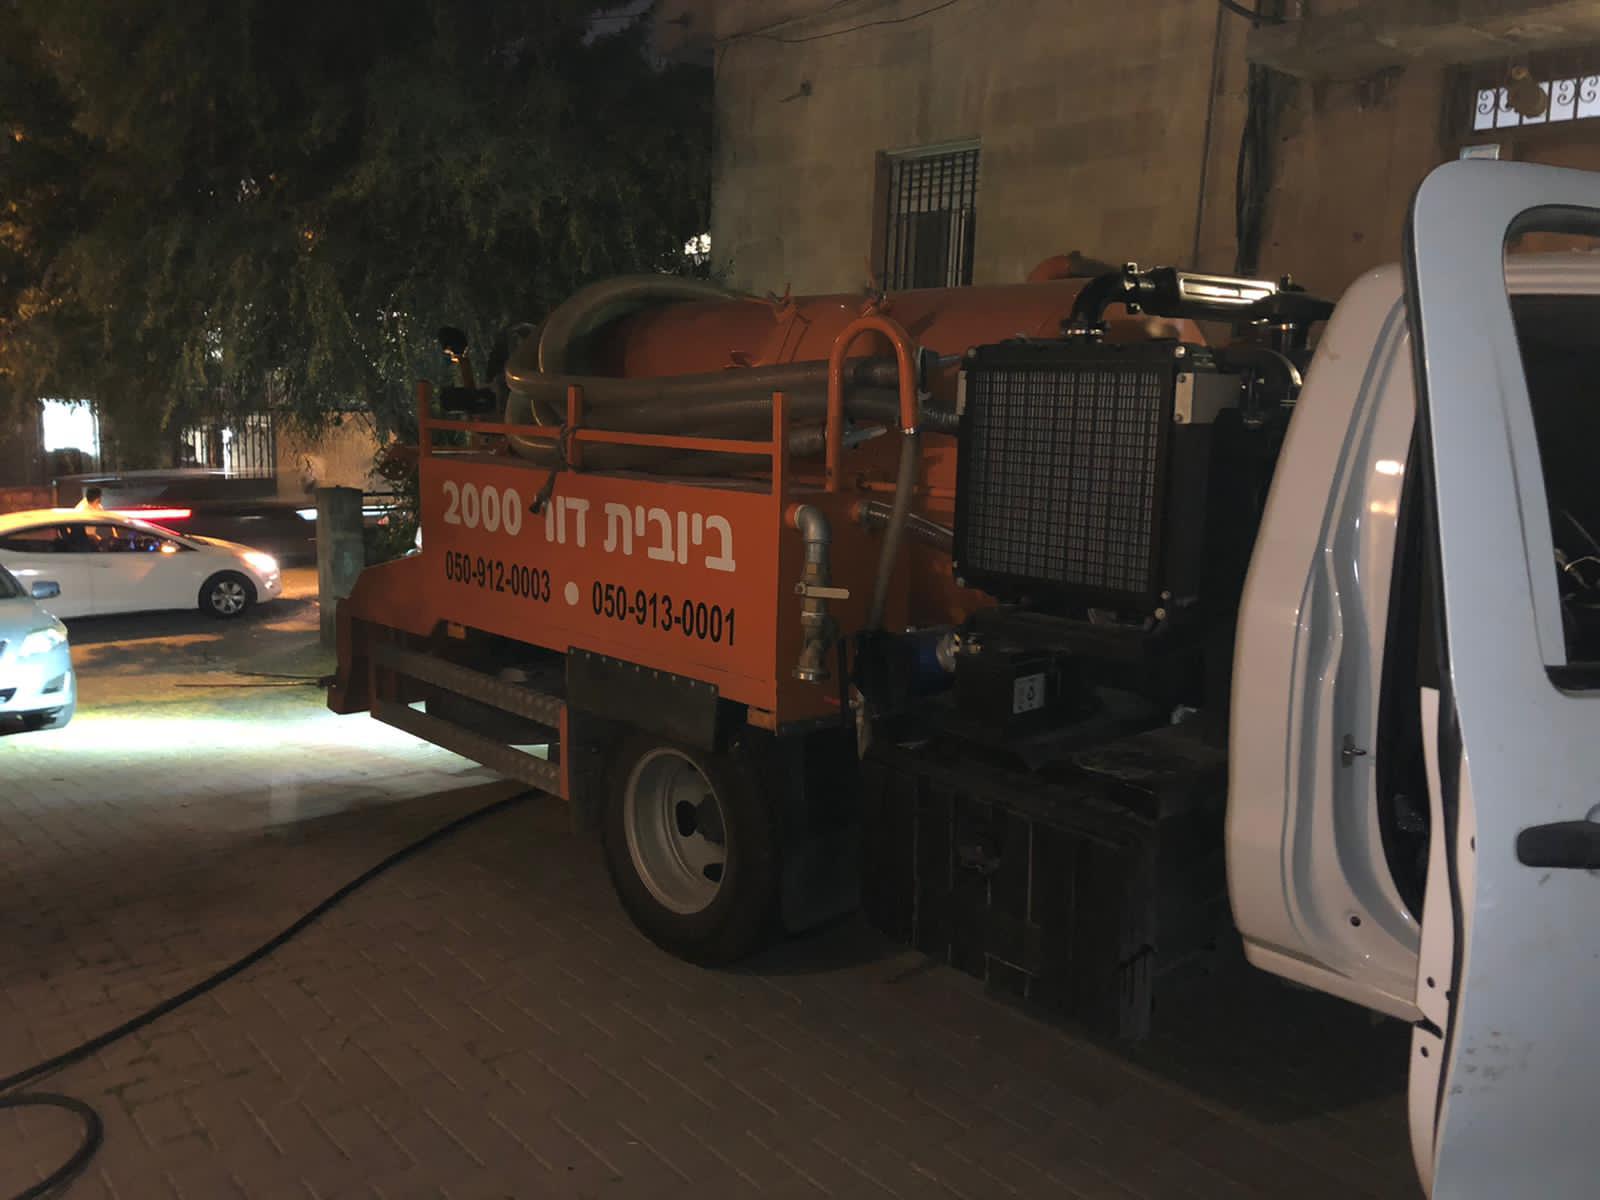 פתיחת סתימה בבניין משותף בשכונת ארמון הנציב בירושלים.